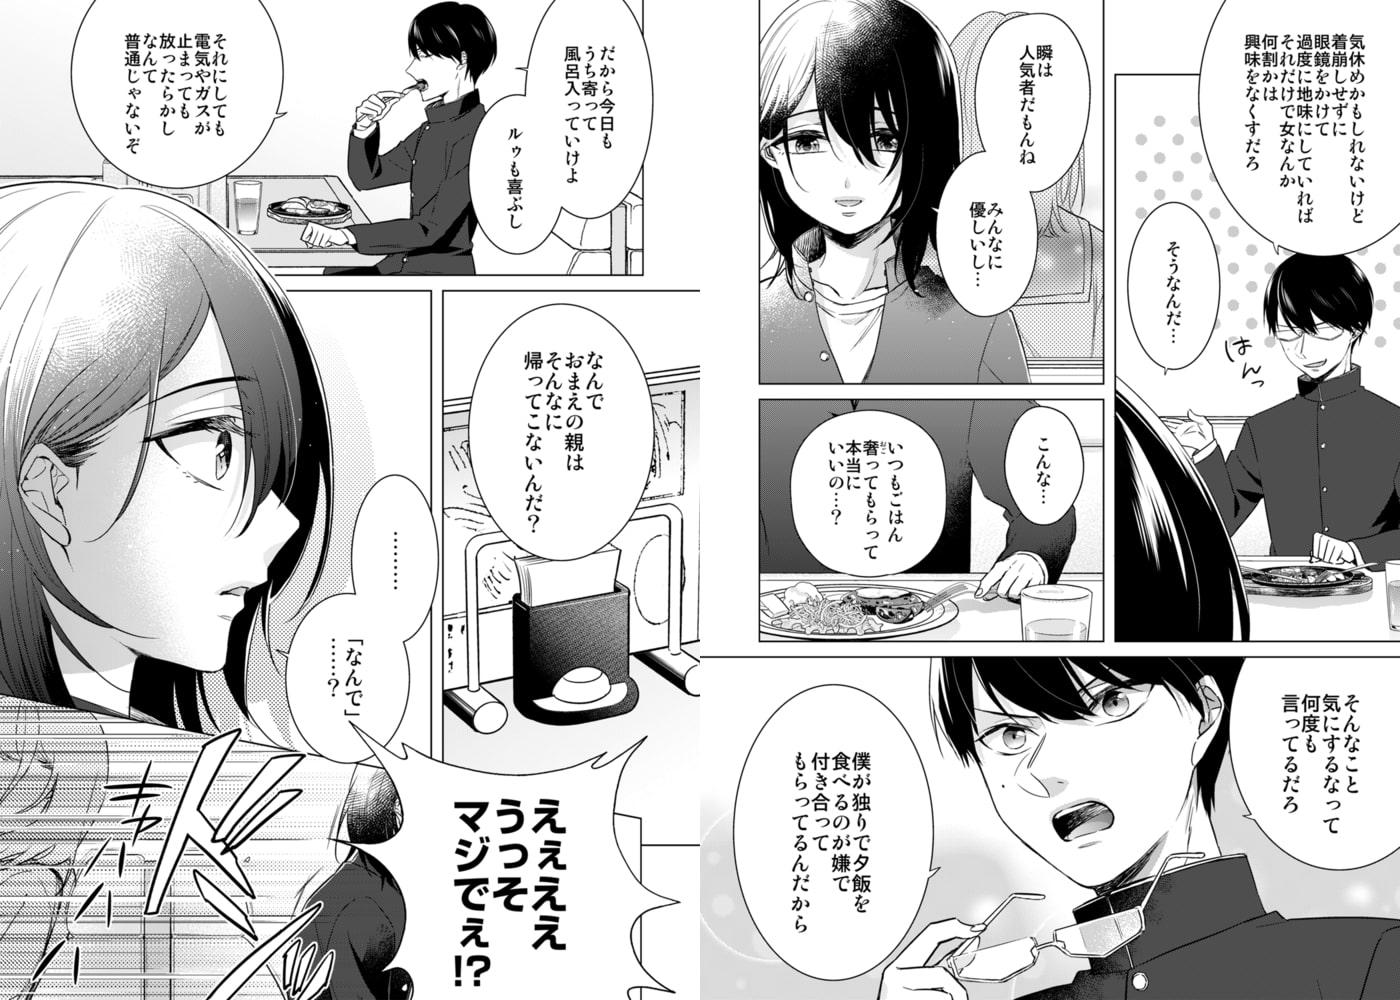 イジメラレ〜「女」の僕と飼い主3人〜【22話】サンプル画像3